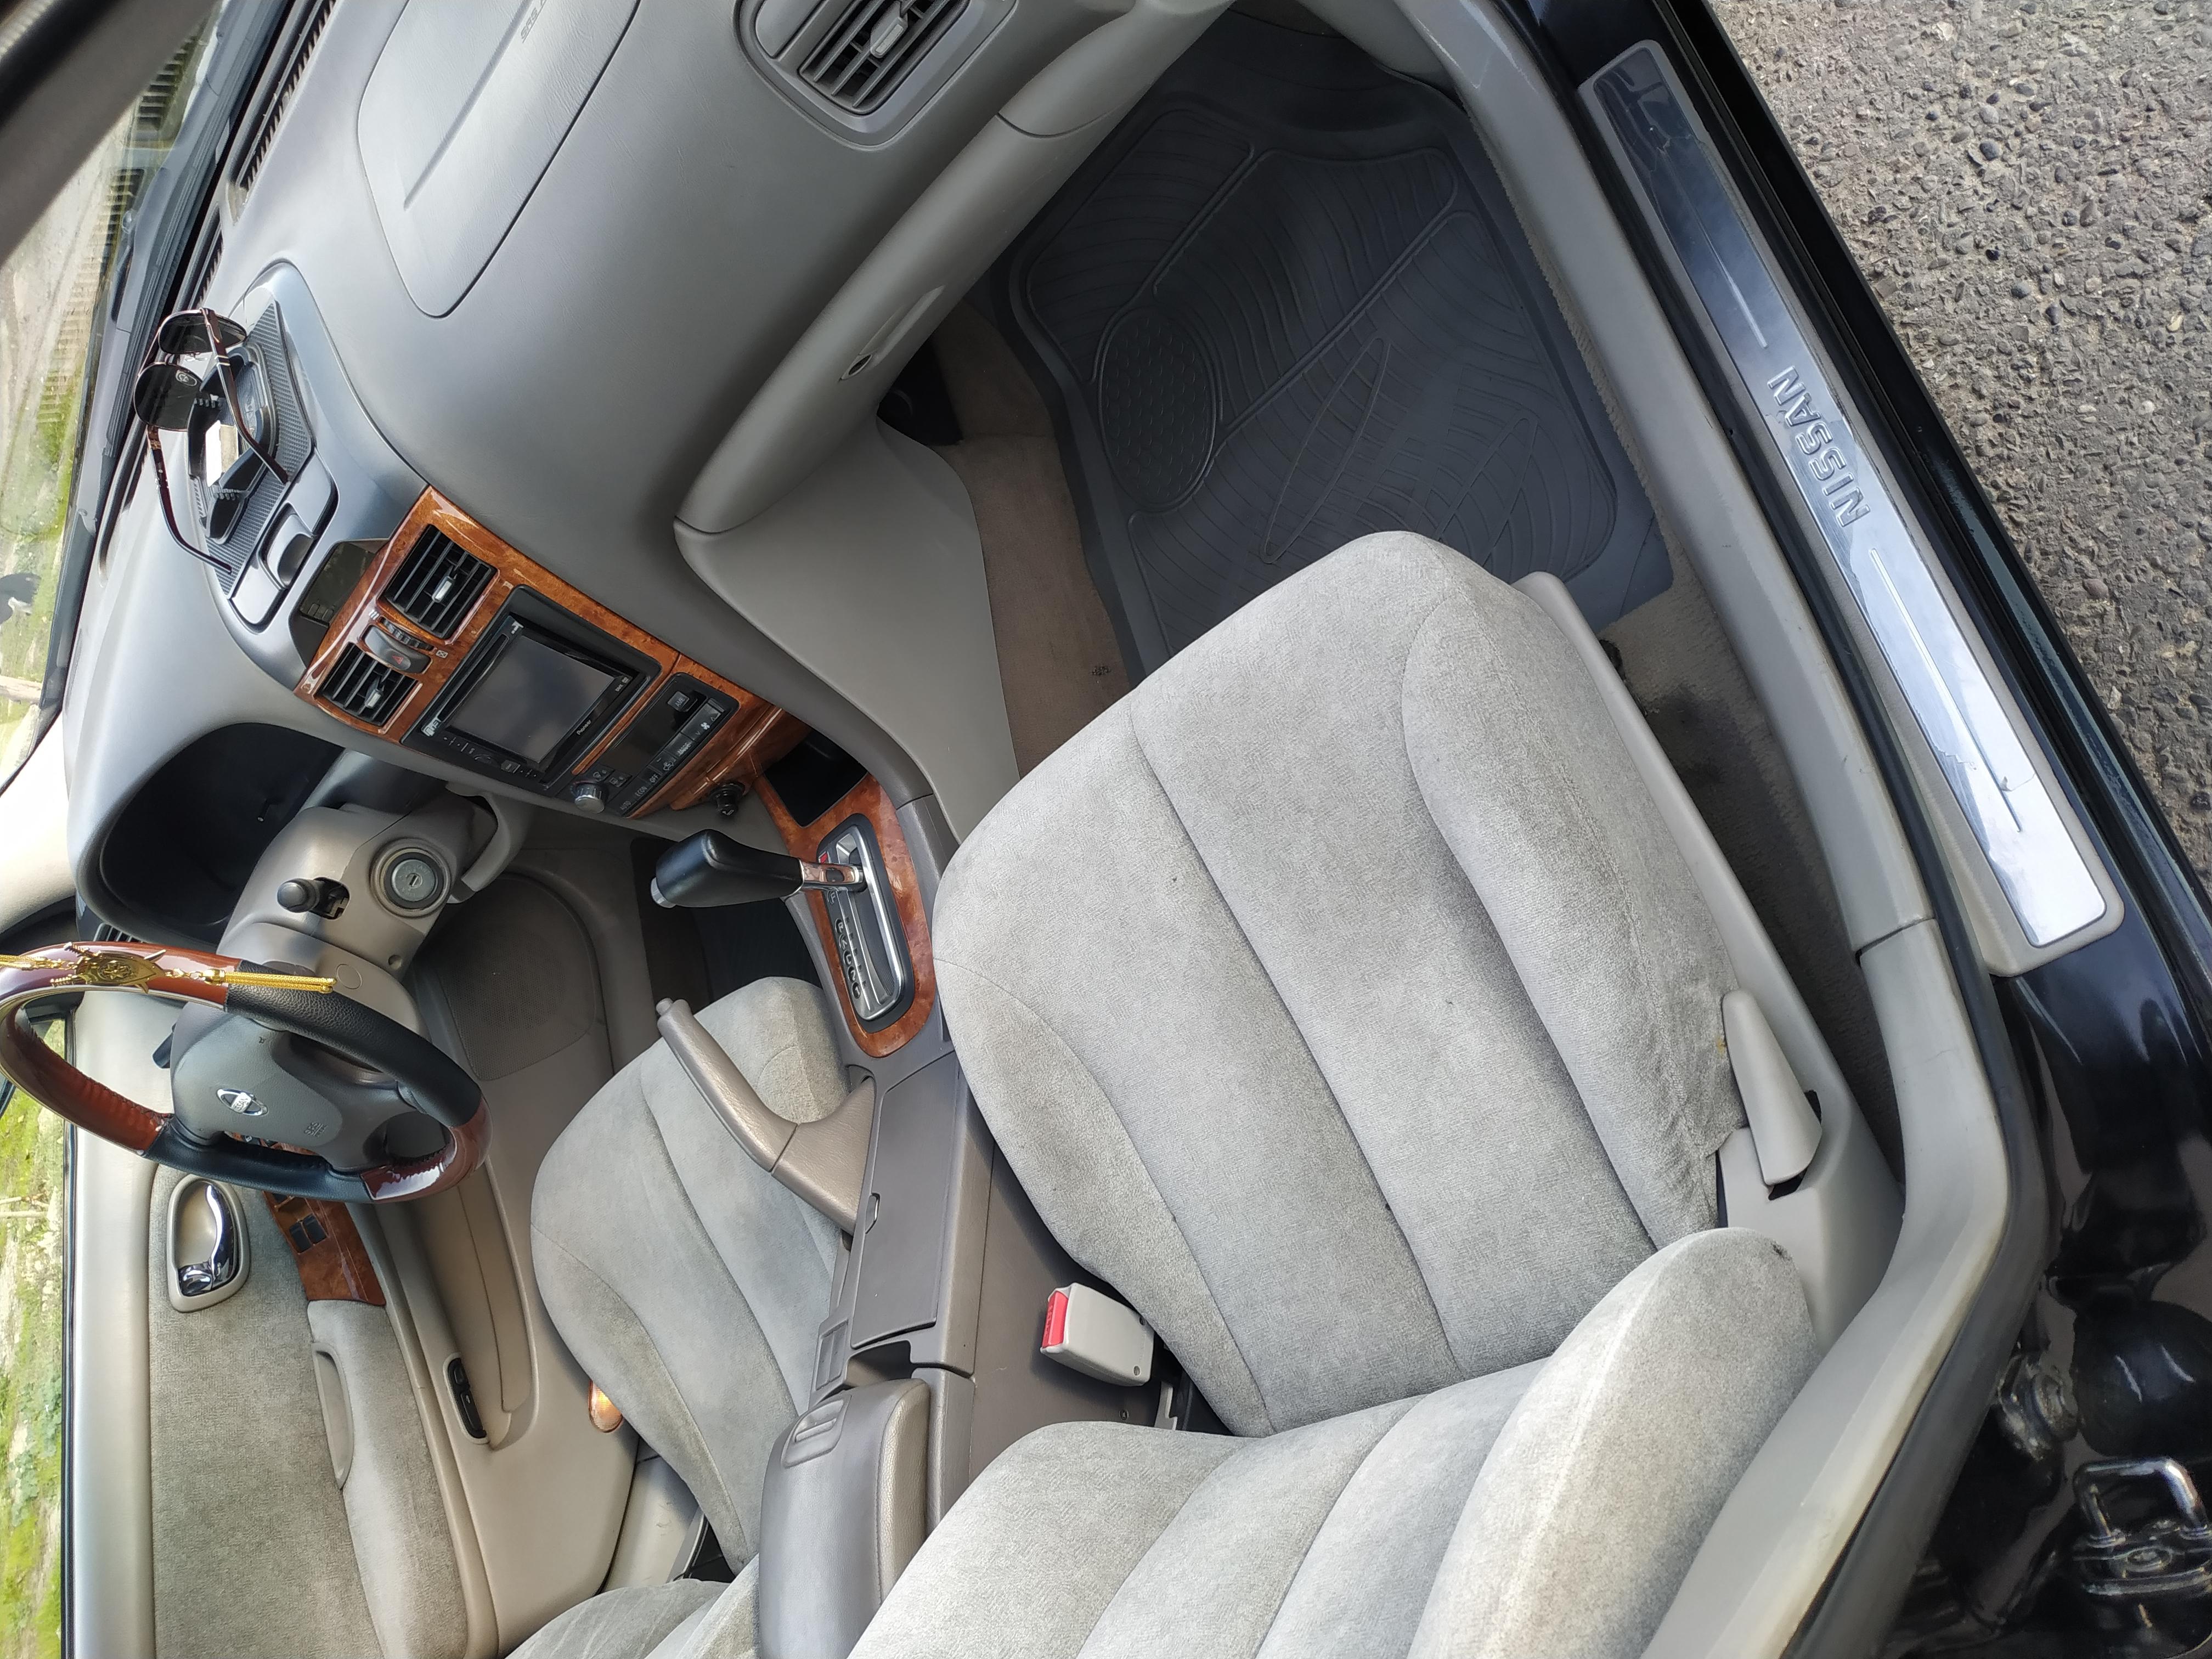 Nissan Maxima 3.0(lt) 2006 İkinci əl  $10500